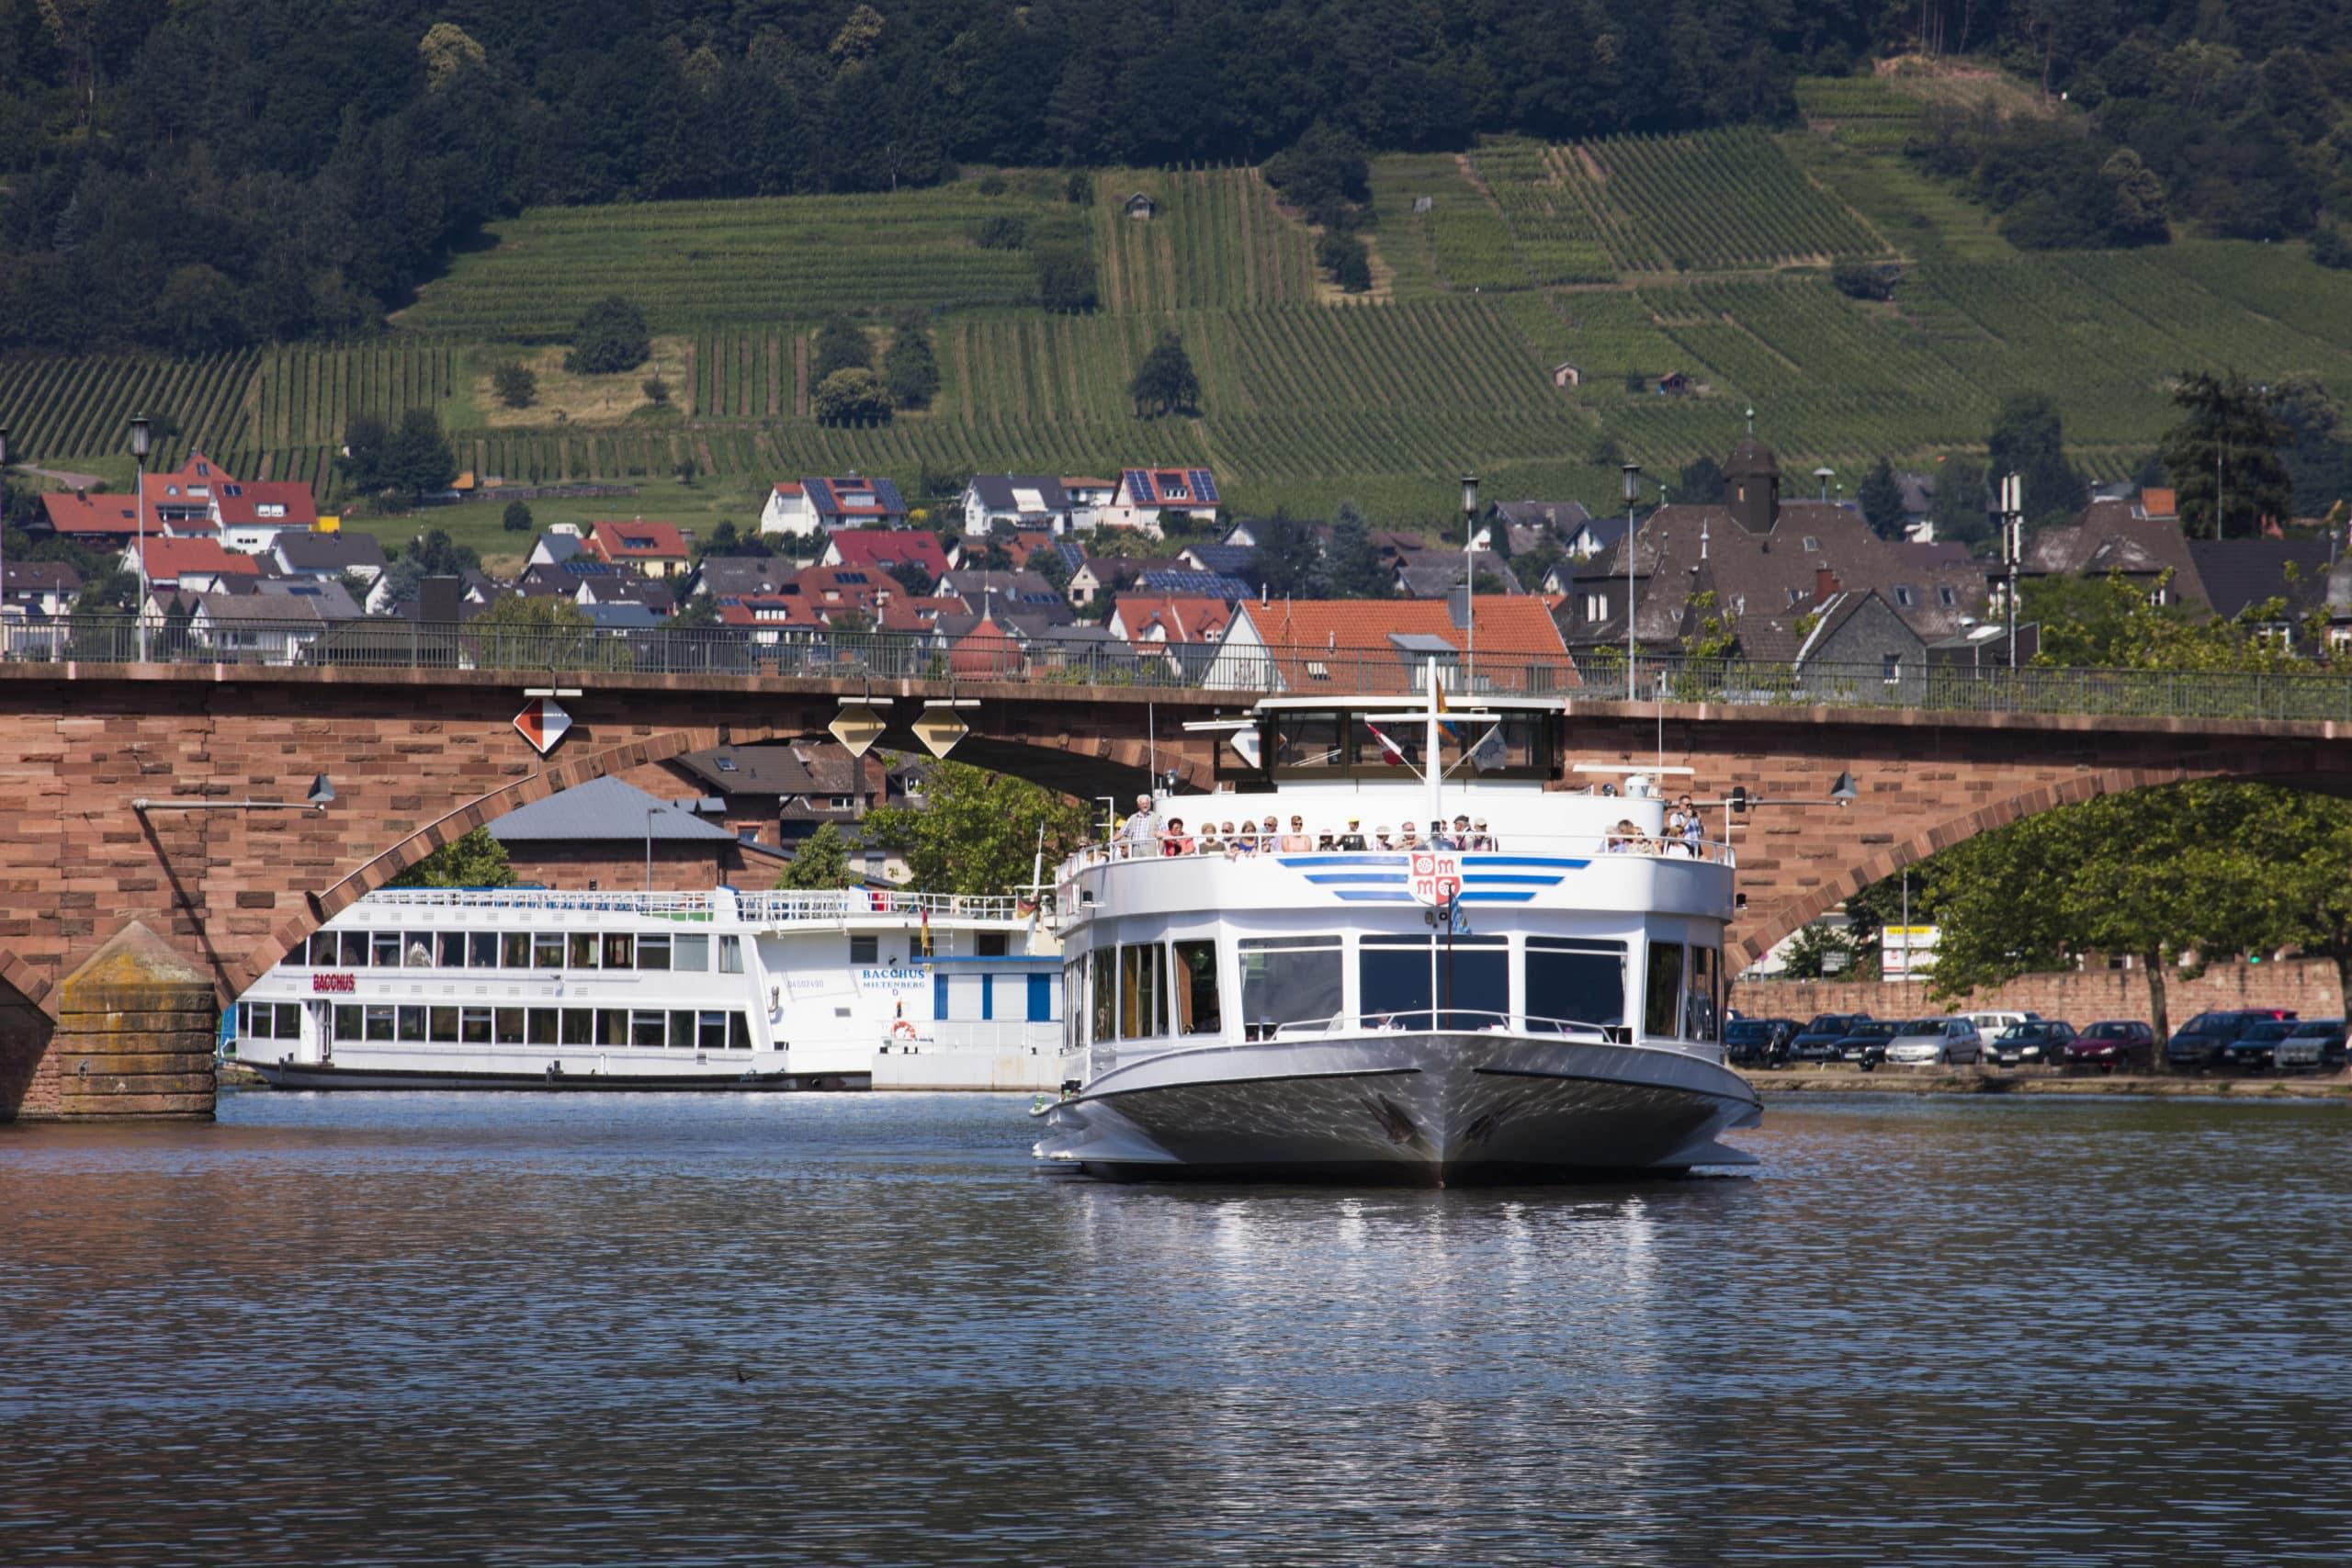 DREI AM MAIN - Schifffahrt Miltenberg Vl © Holger Leue